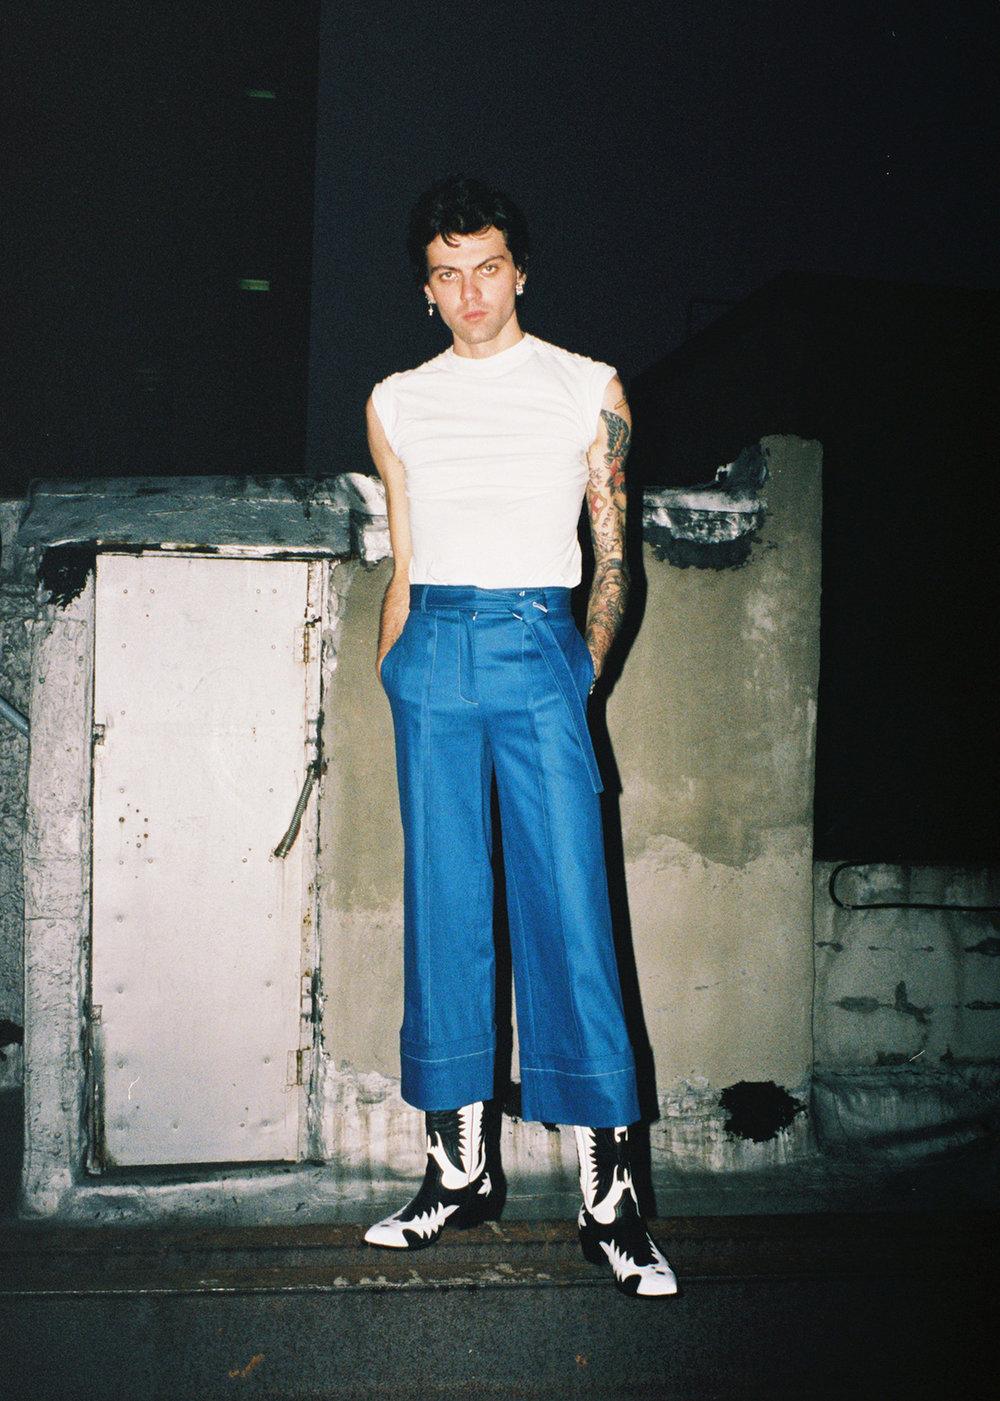 Pantalones de CLAUDIA LI y zapatos de FRYE.